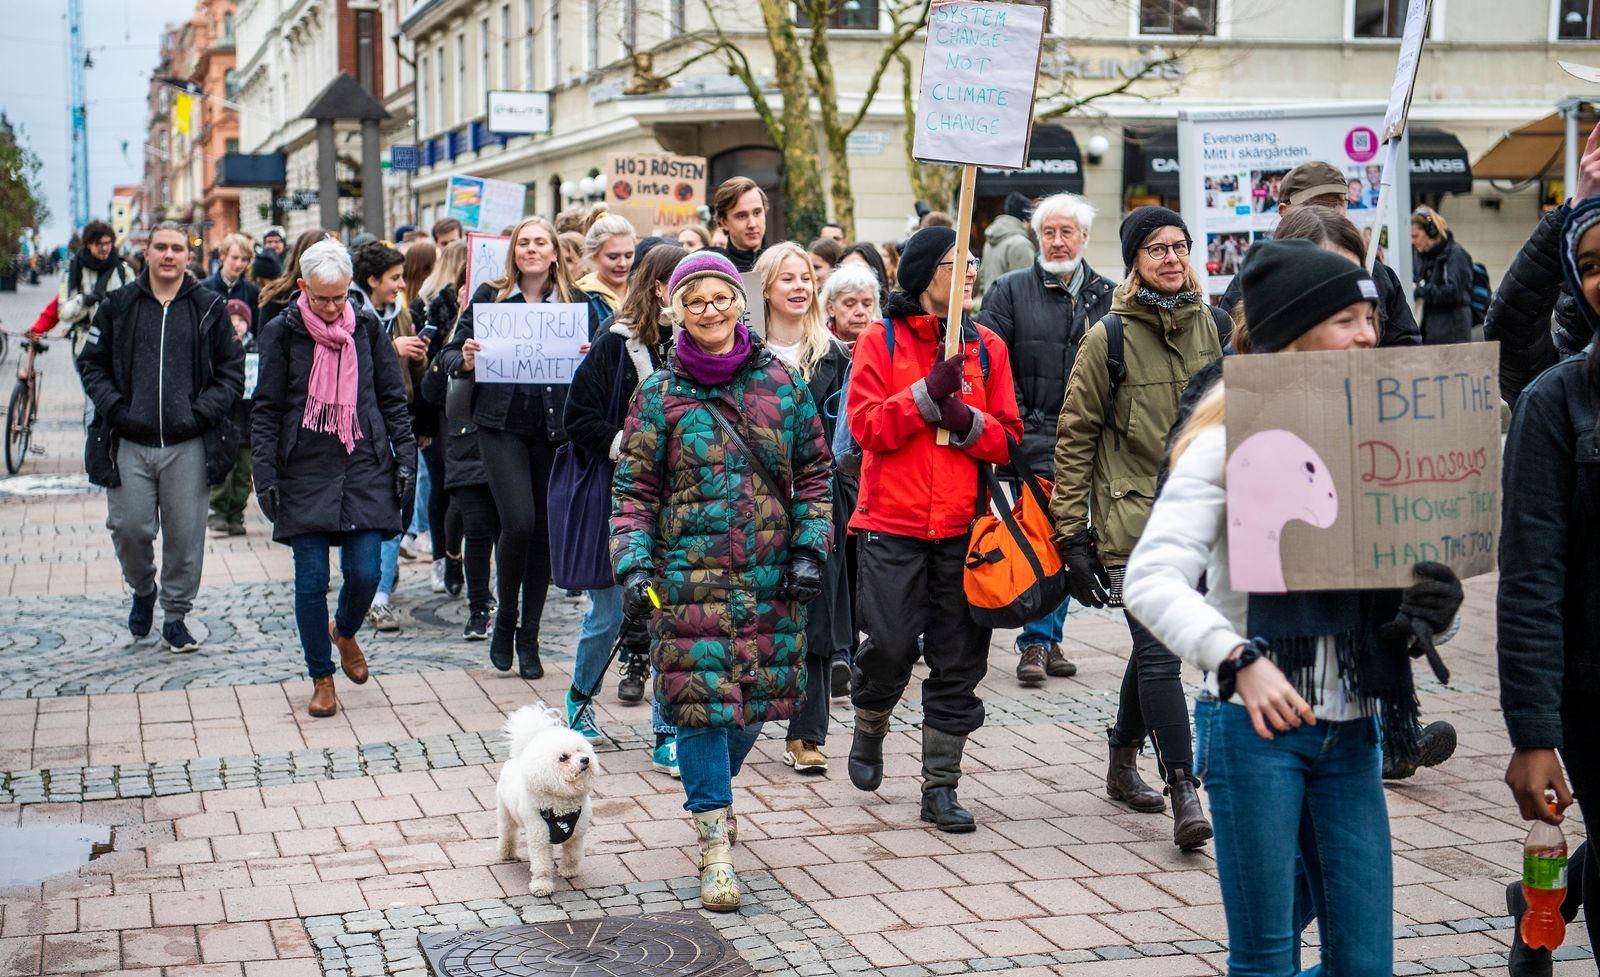 Över 100 klimatdemonstranter marscherar för klimatet.